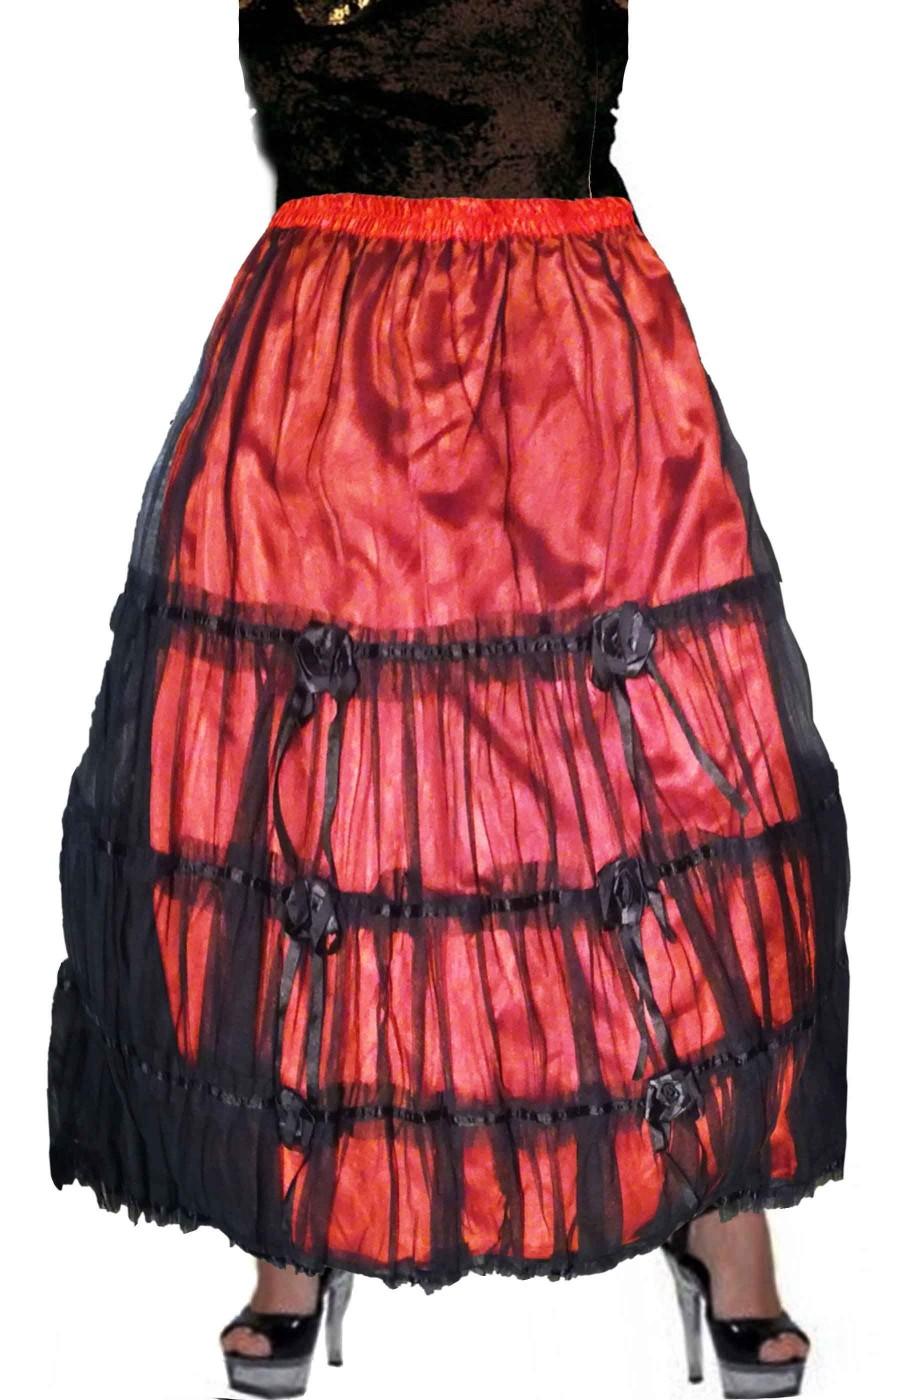 comprare popolare 40a7a f3451 Gonna vittoriana lunga rossa e nera con pizzo e rose da spagnola adulta